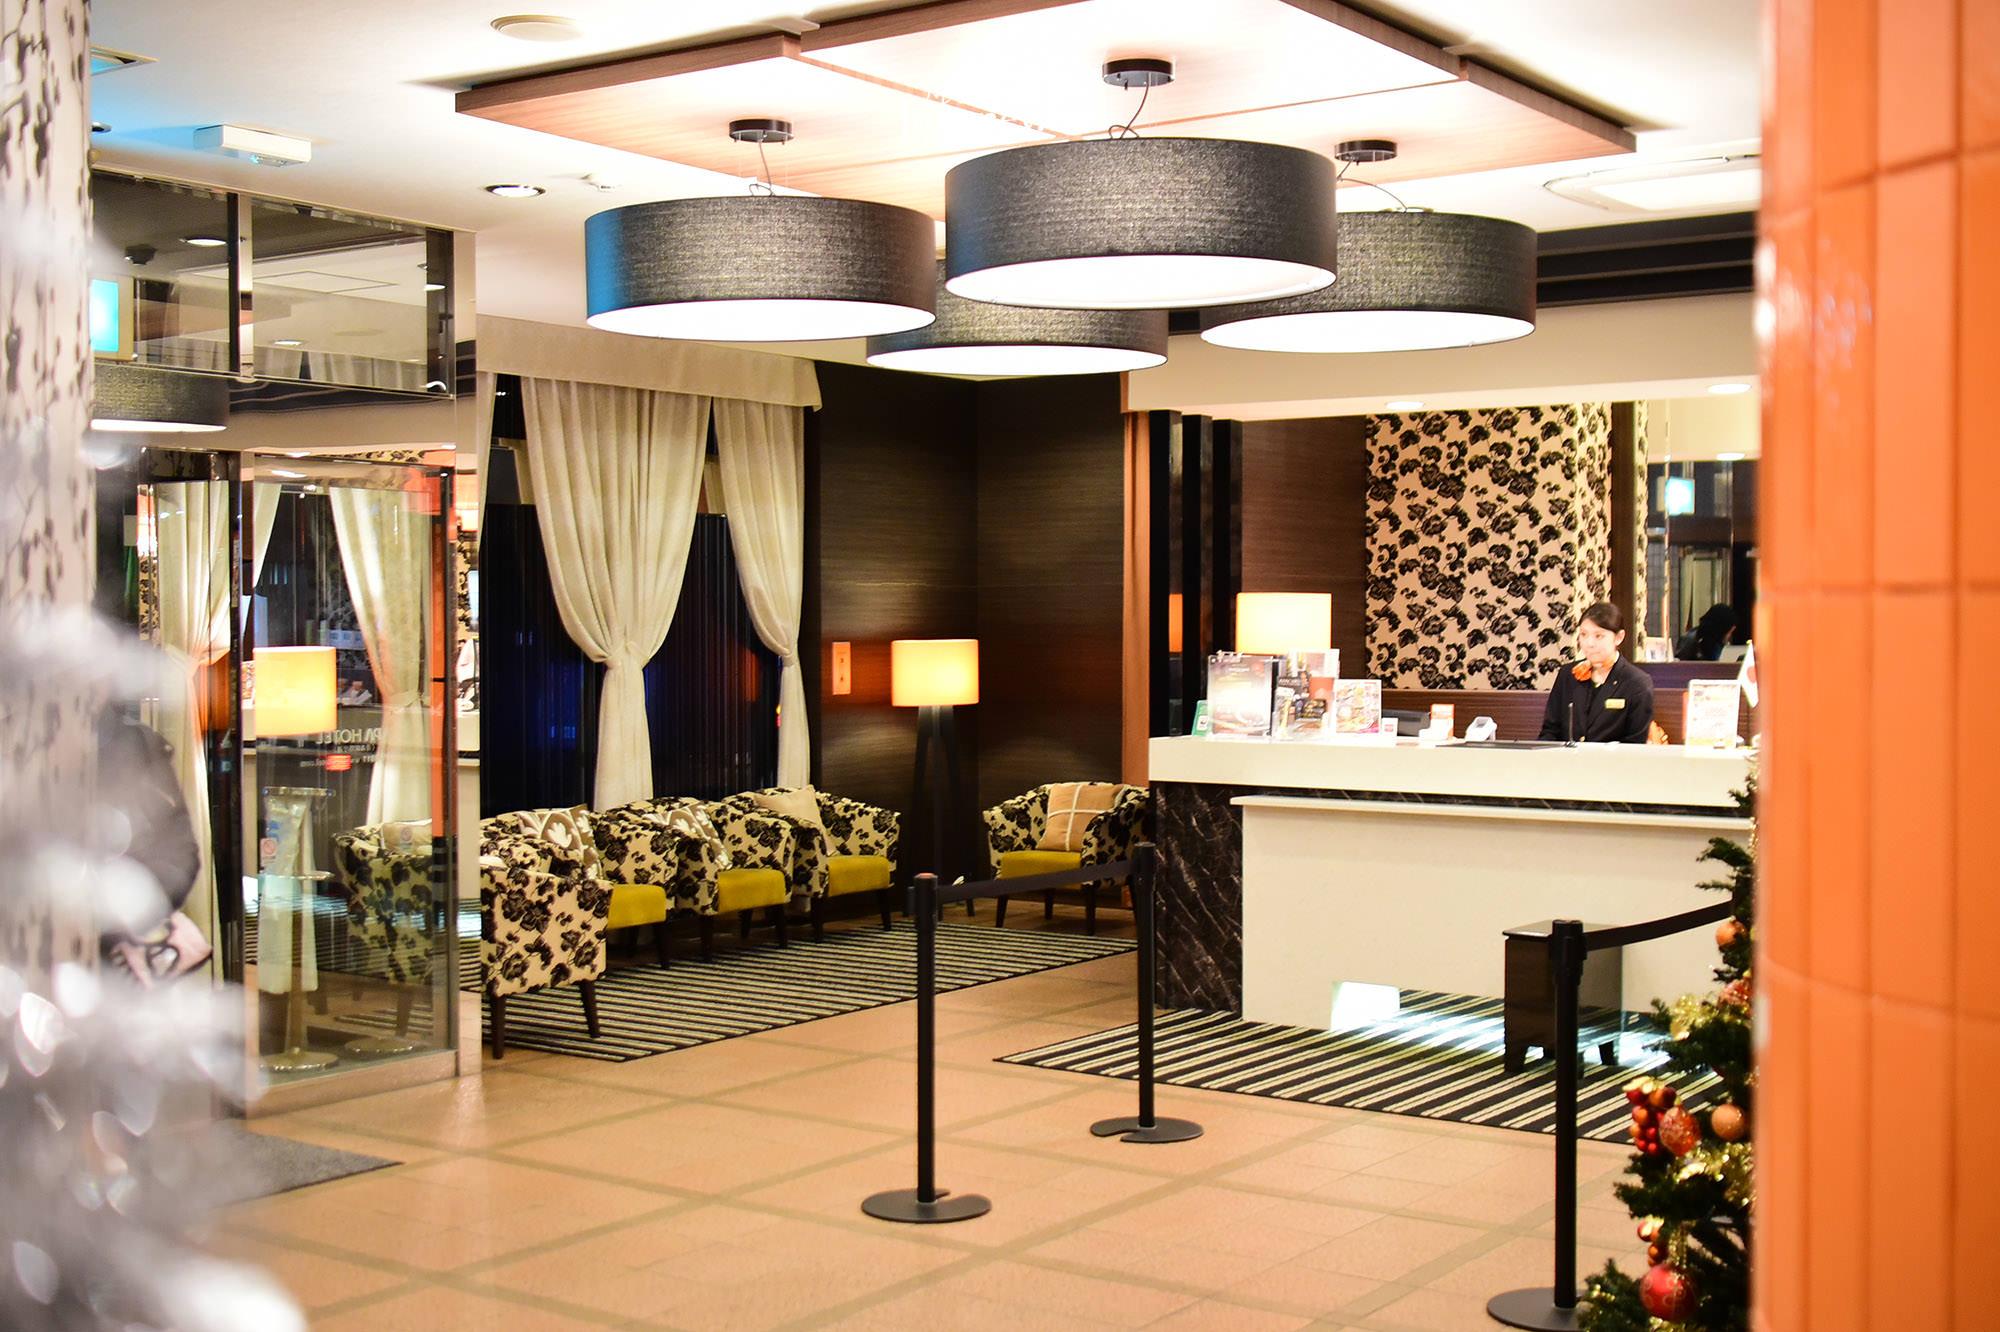 APA 青森站縣廳通,APA Hotel Aomori Eki Kencho-Dori,青森住宿